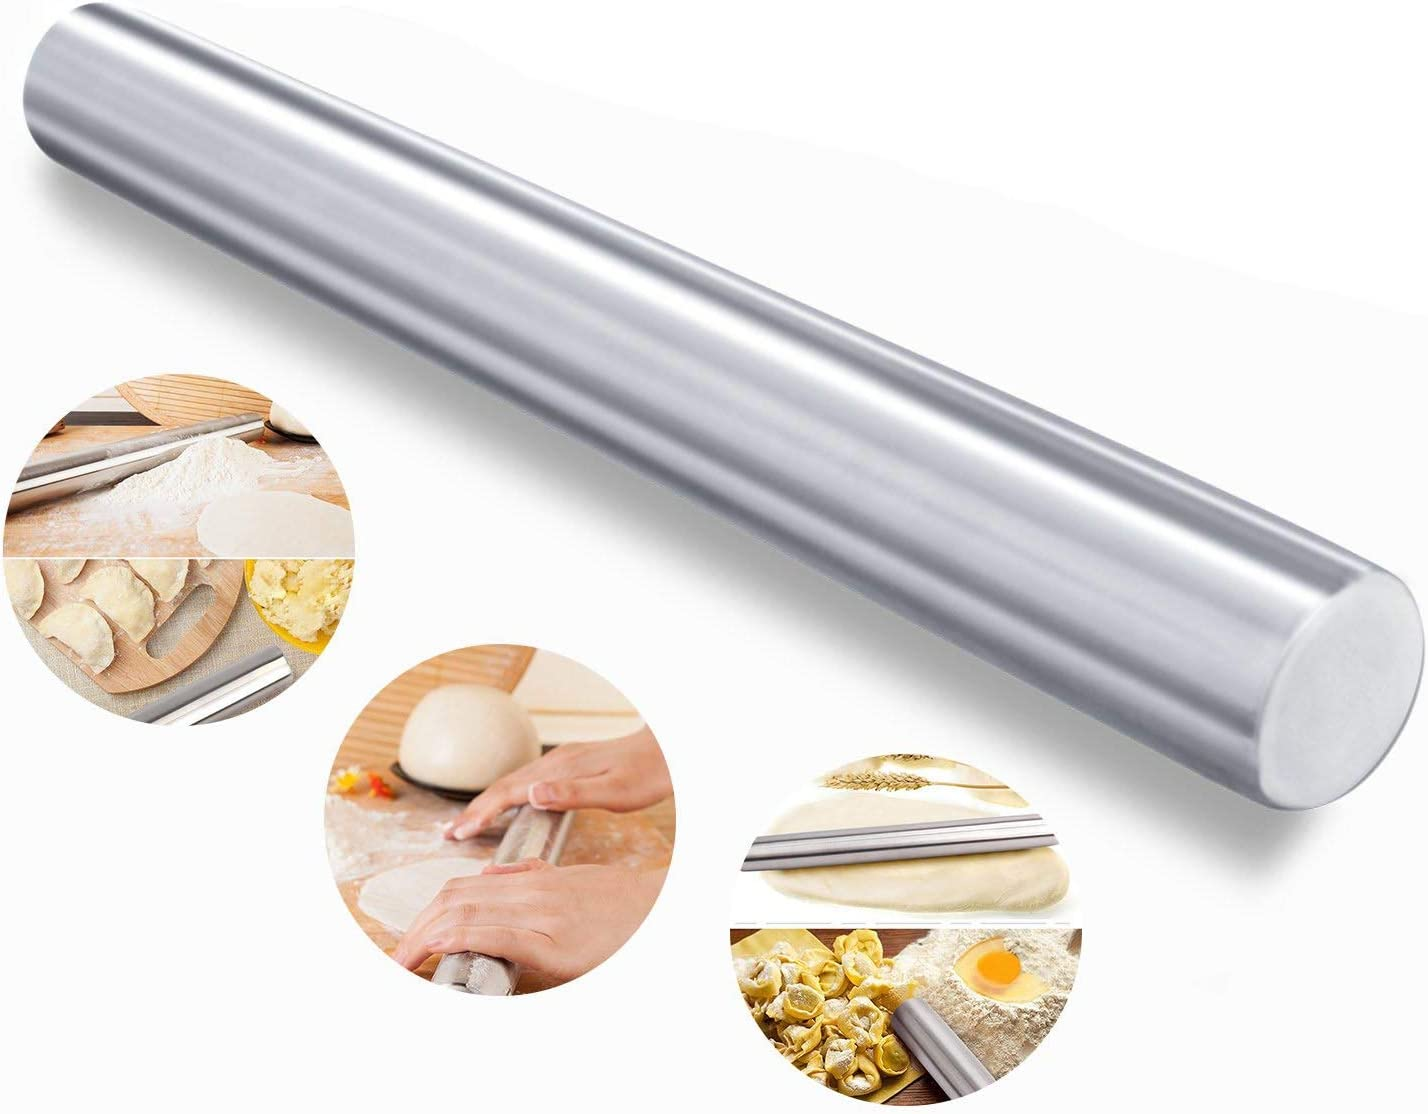 Zeerkeer rodillo de acero inoxidable antiadherente Rolling Pin Longitud 39 cm para preparación de pan, tartas, galletas, pasta fresca, pasta espátula